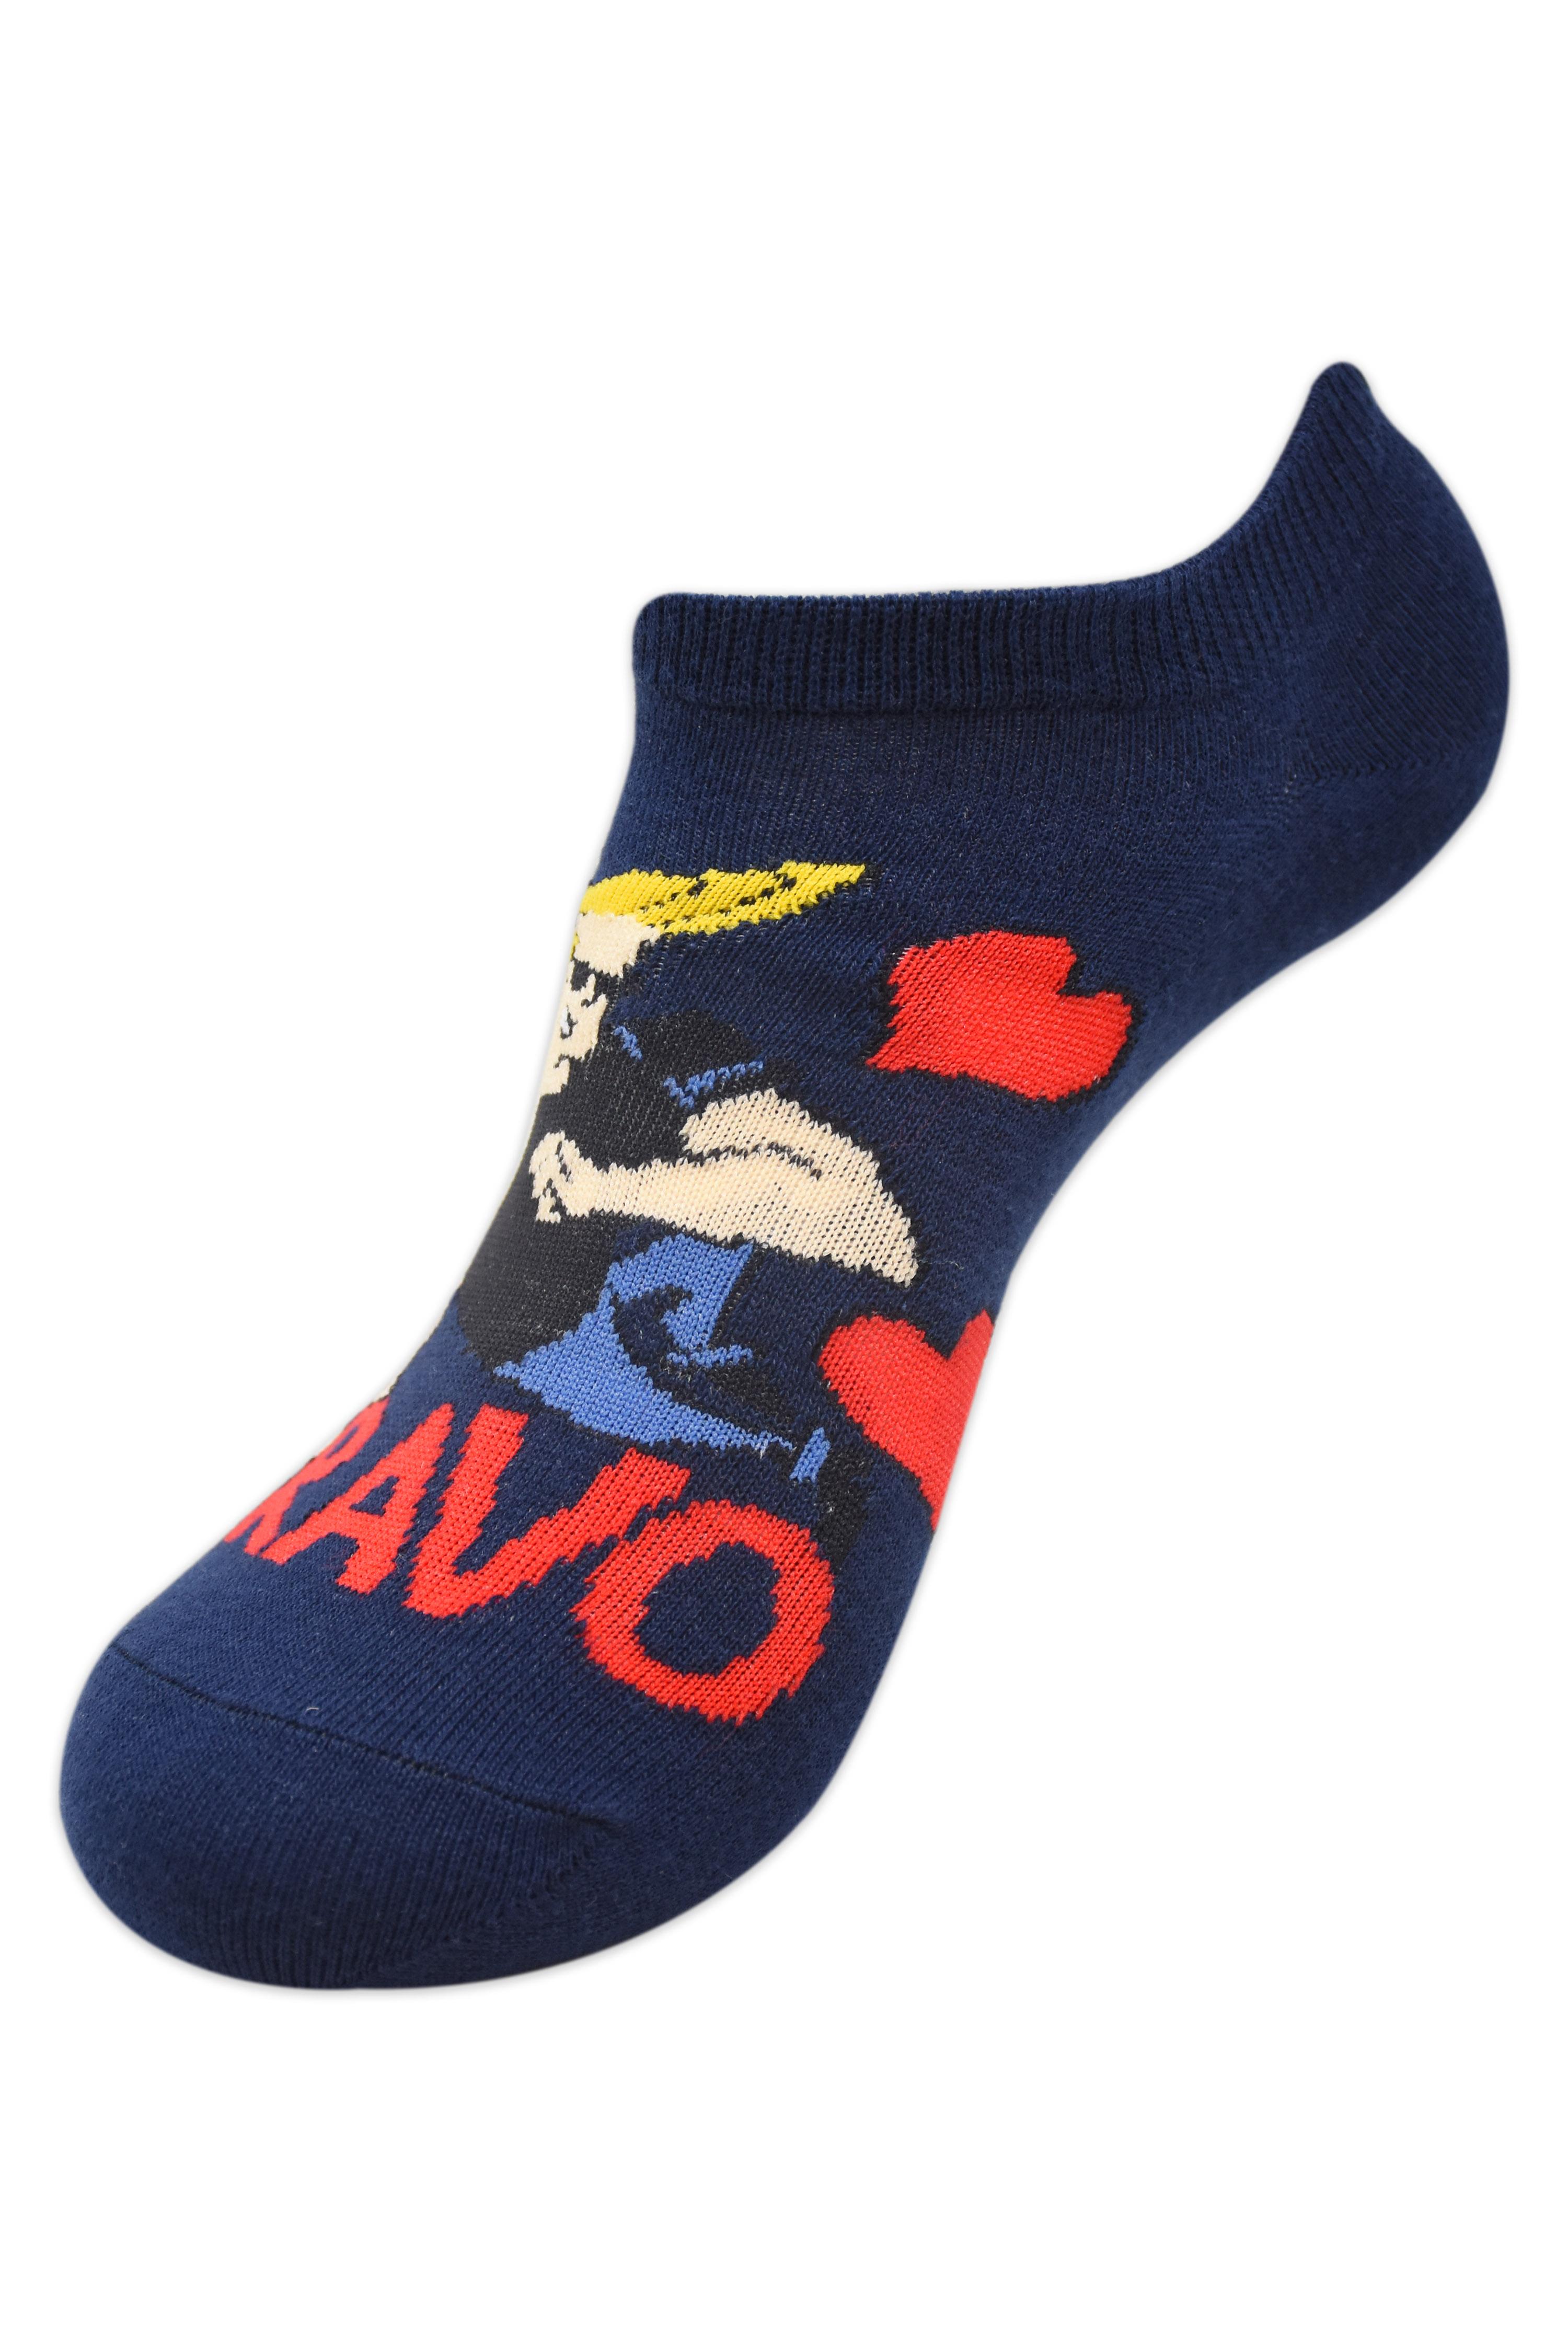 Johnny Bravo Women The Bravo Low Cut Socks by Balenzia